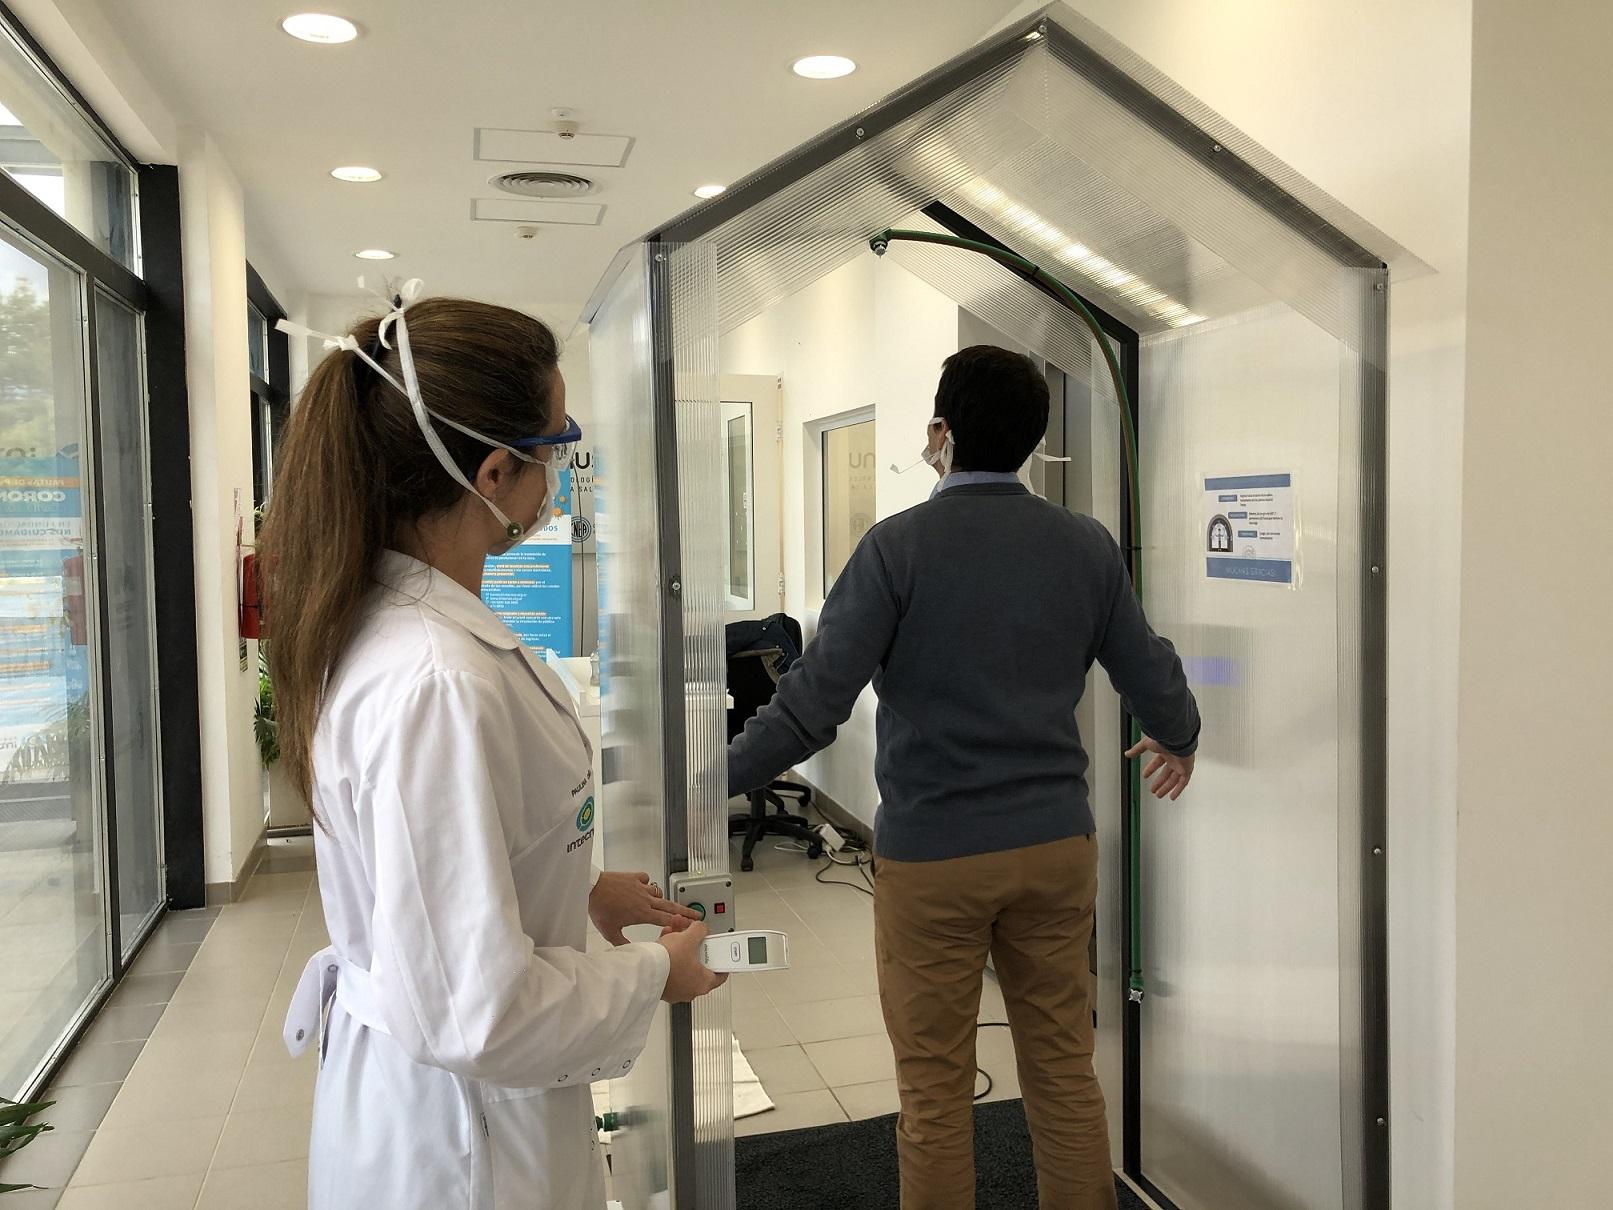 Cabina desinfectante: tecnología y salud